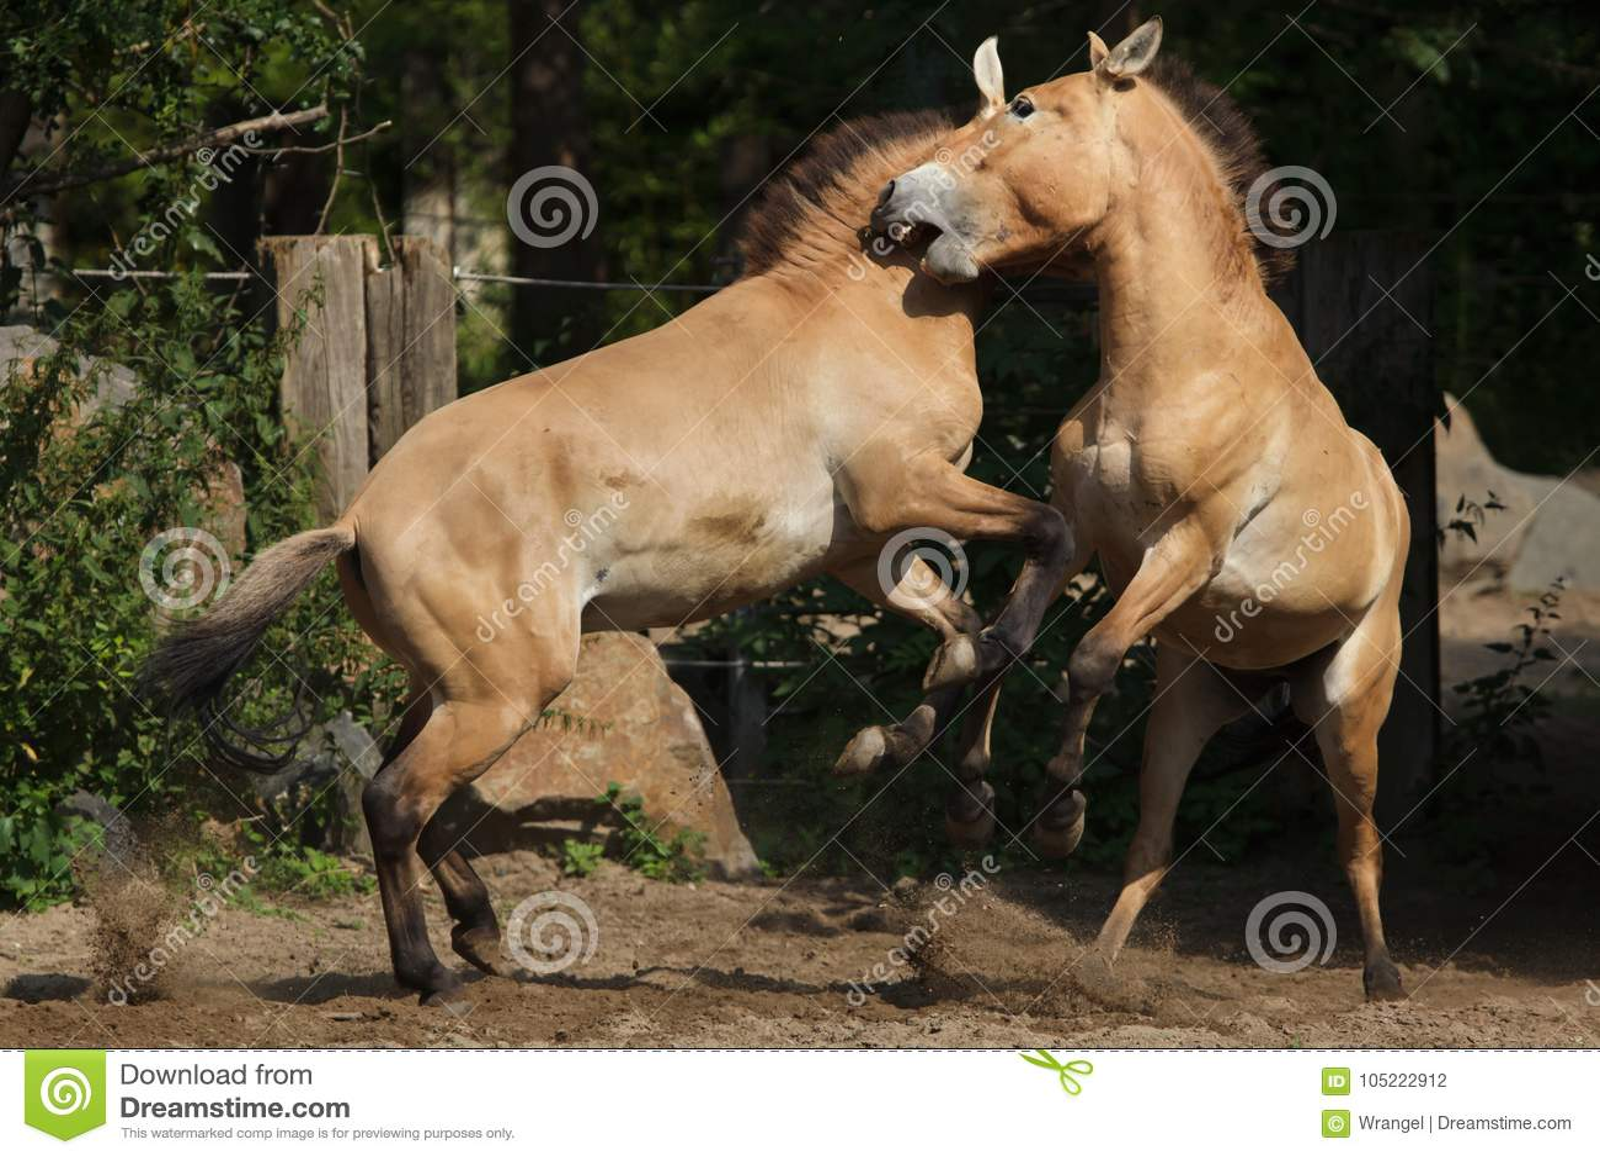 Przewalskii för ferus för Equus för häst för Przewalski ` s